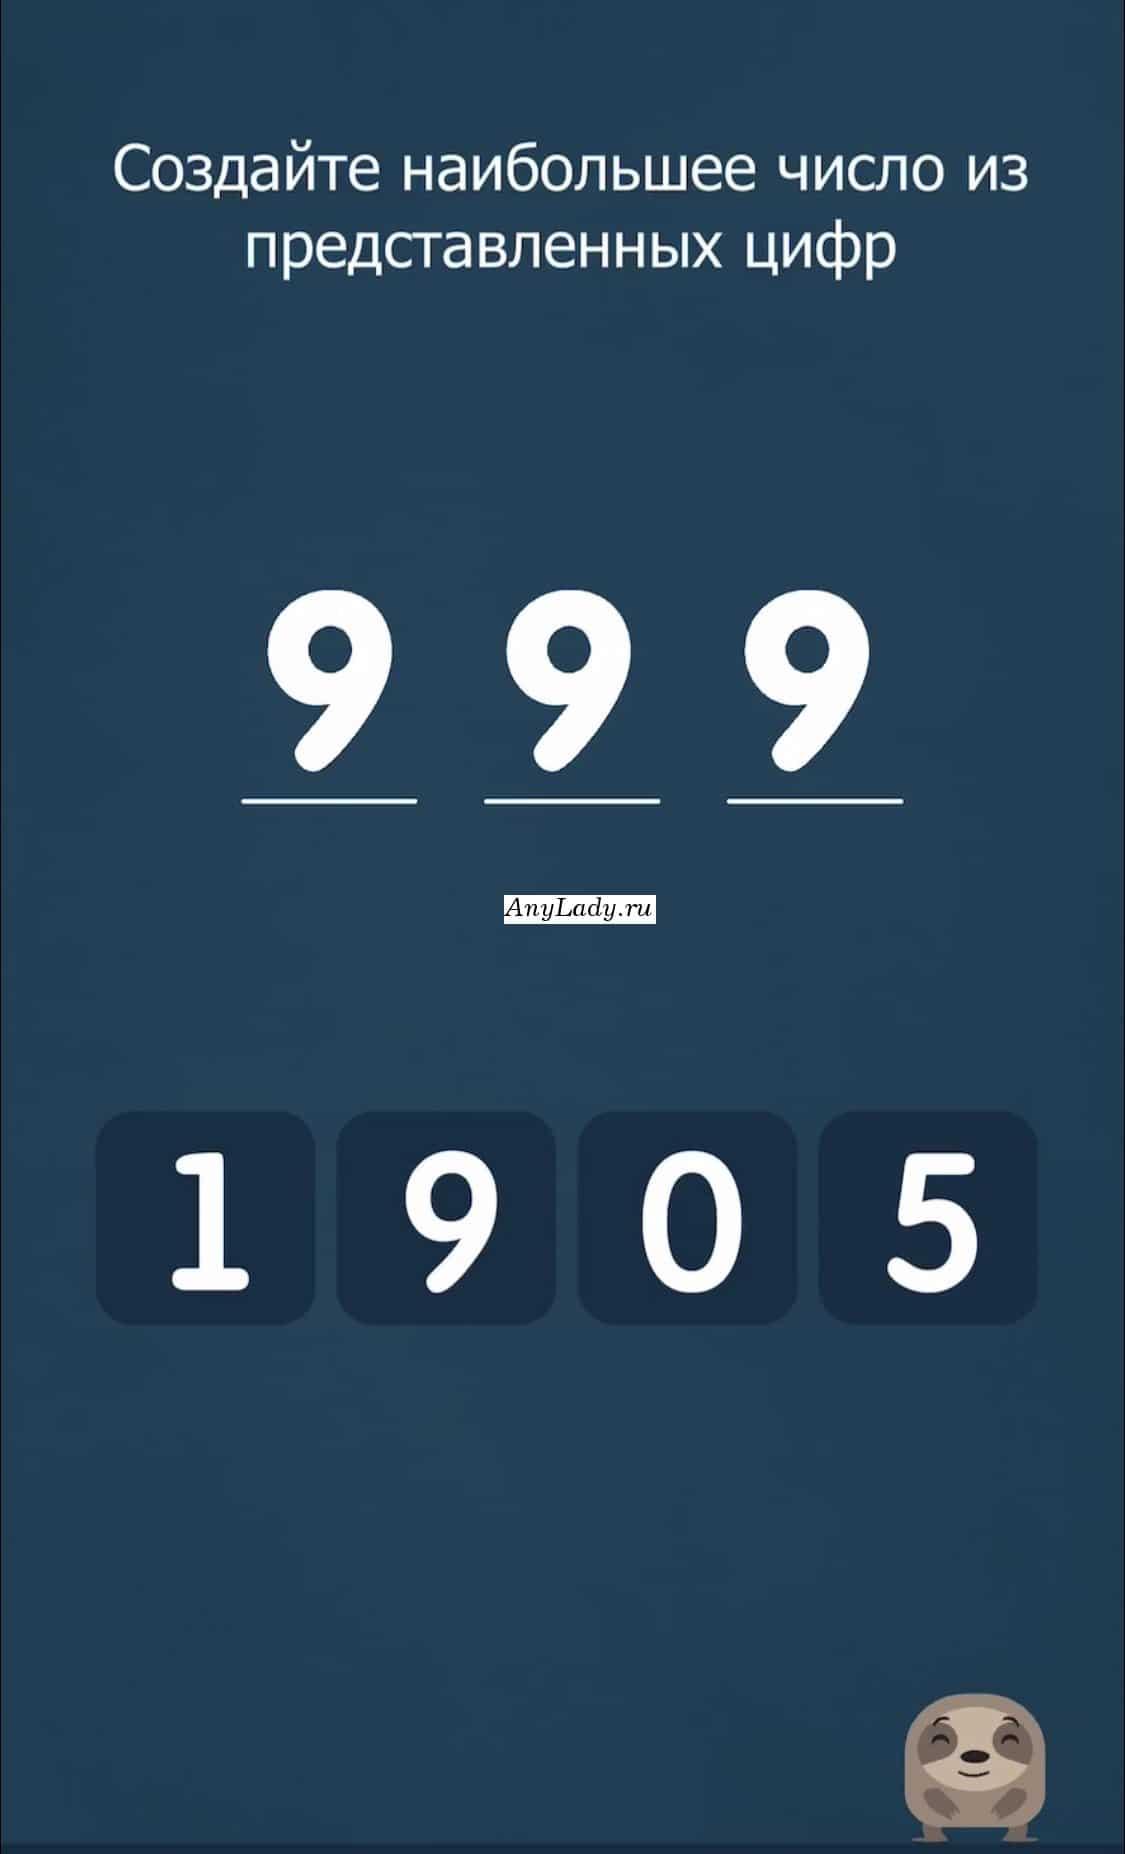 Наберите в поле число - 999, нажав на девятку три раза.